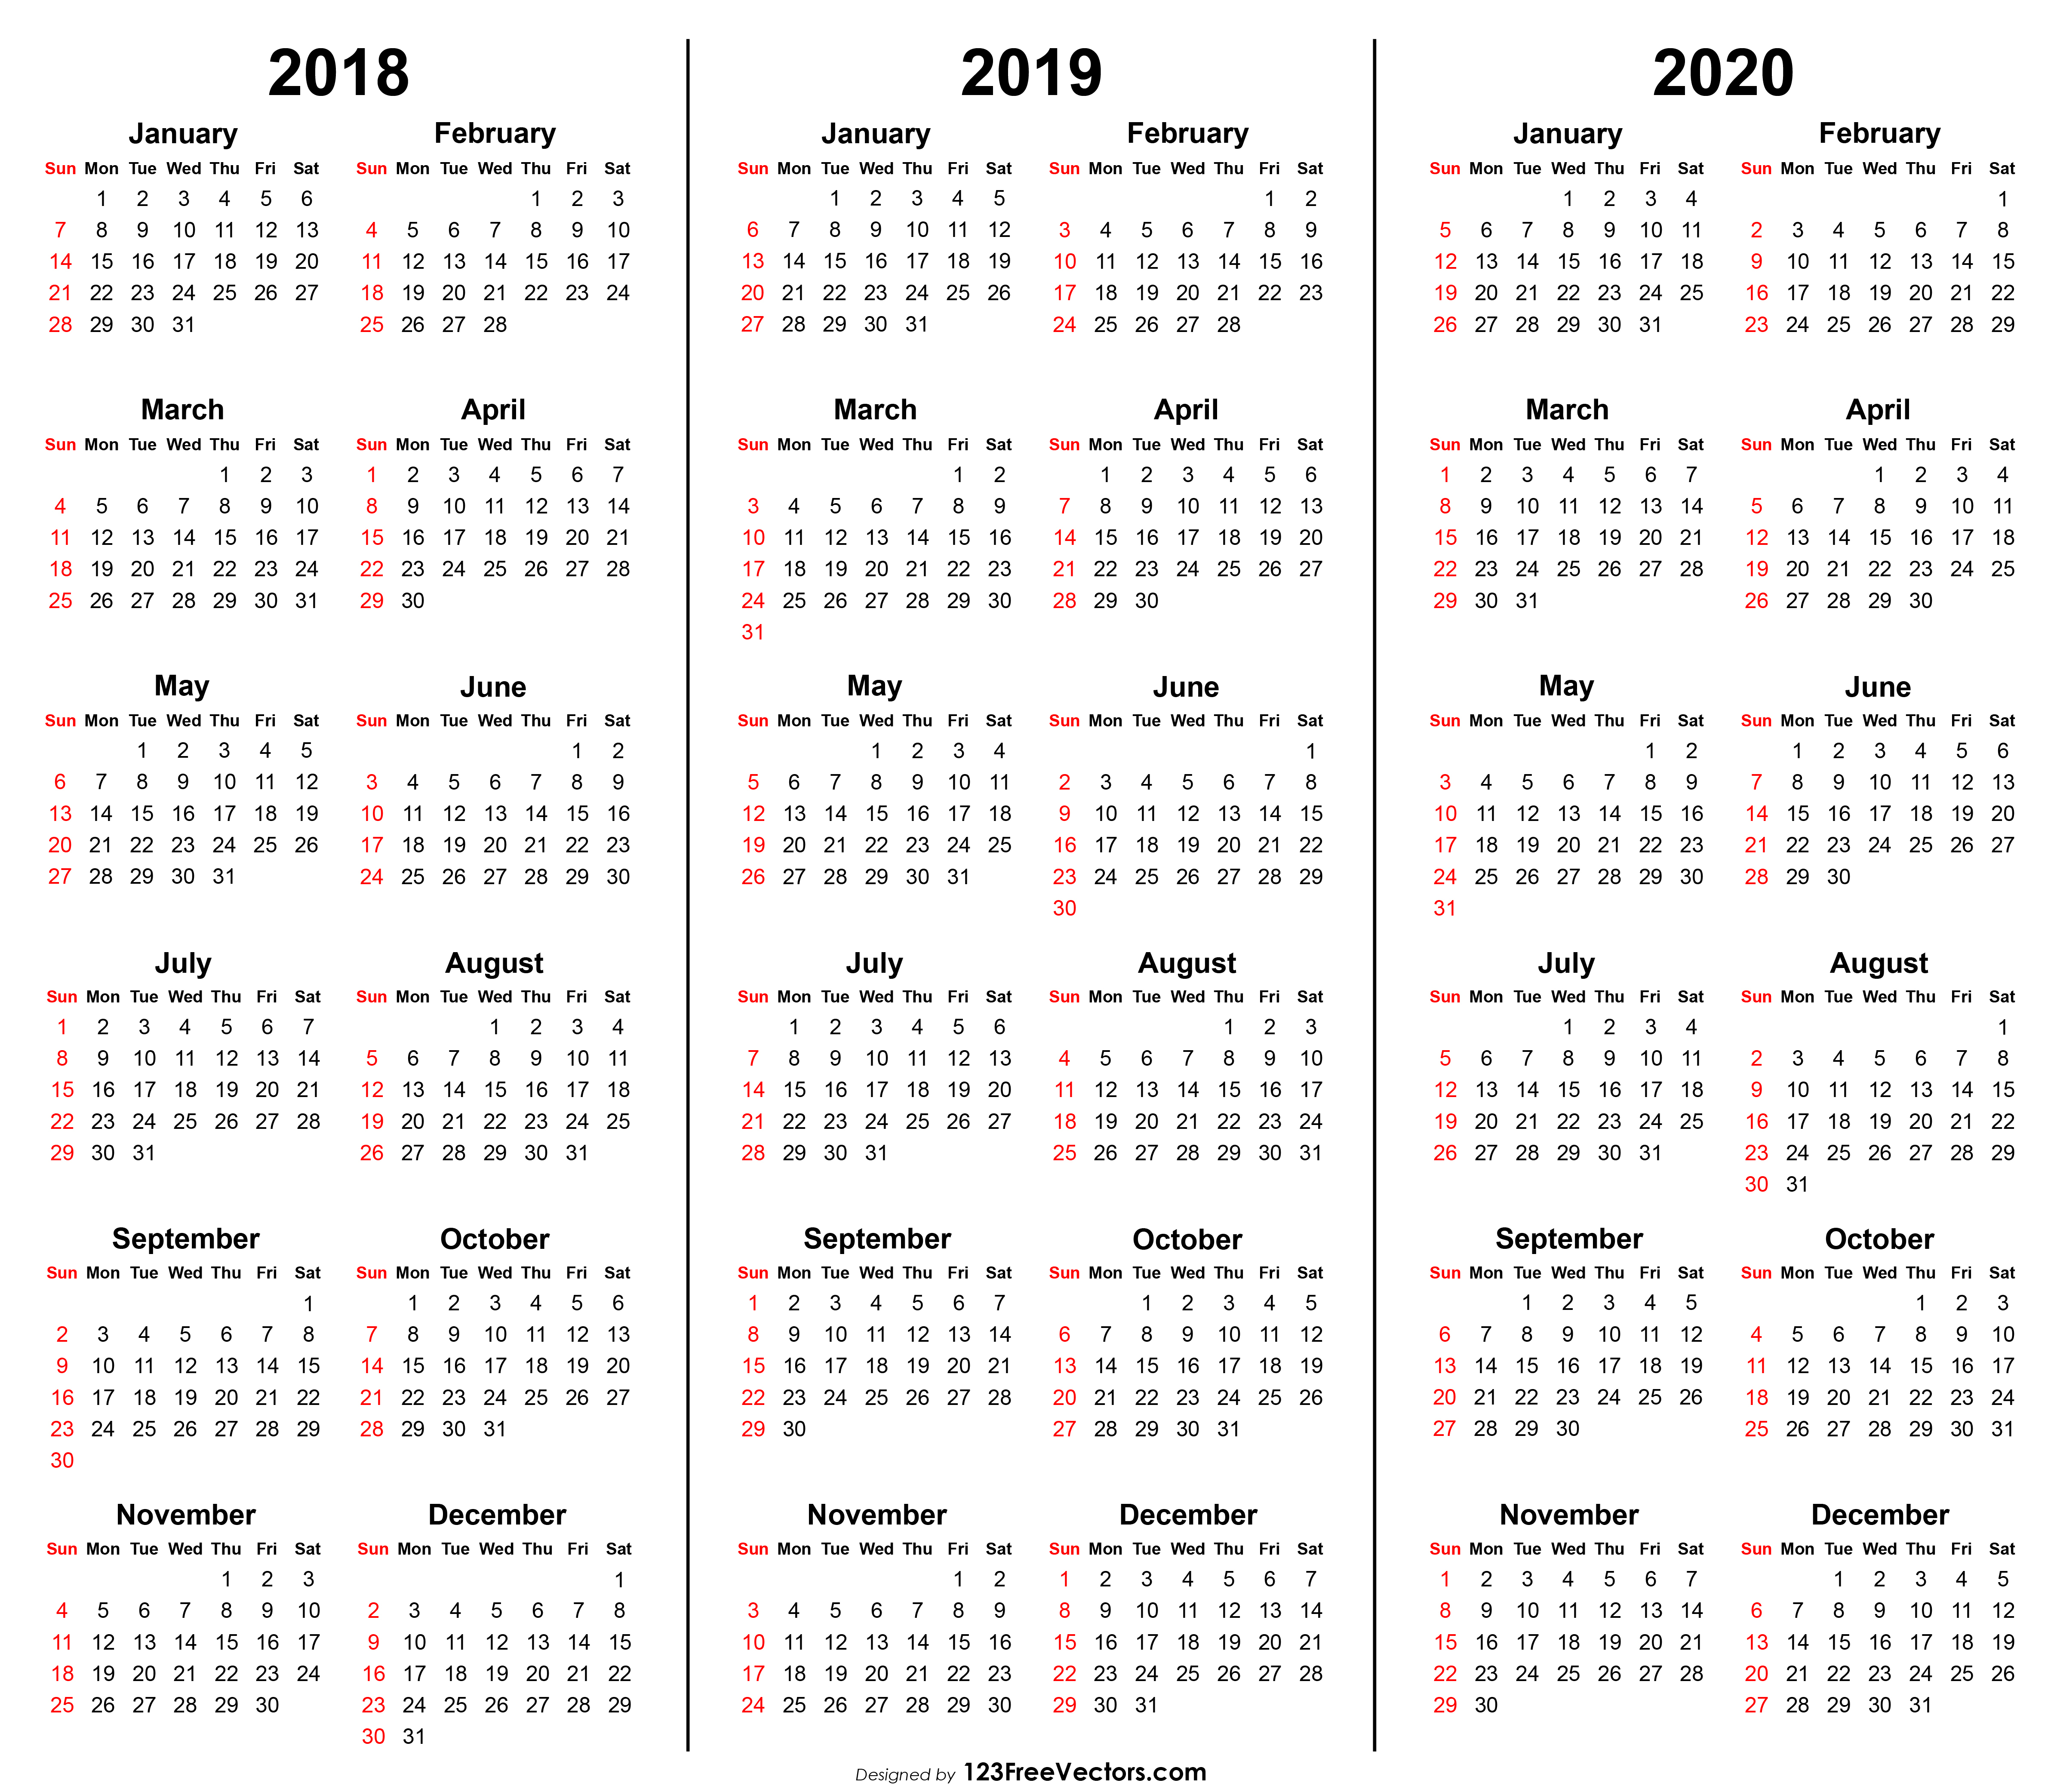 3 Year Calendar 2018 2019 2020 Printable in 3 Year Calendar 2020